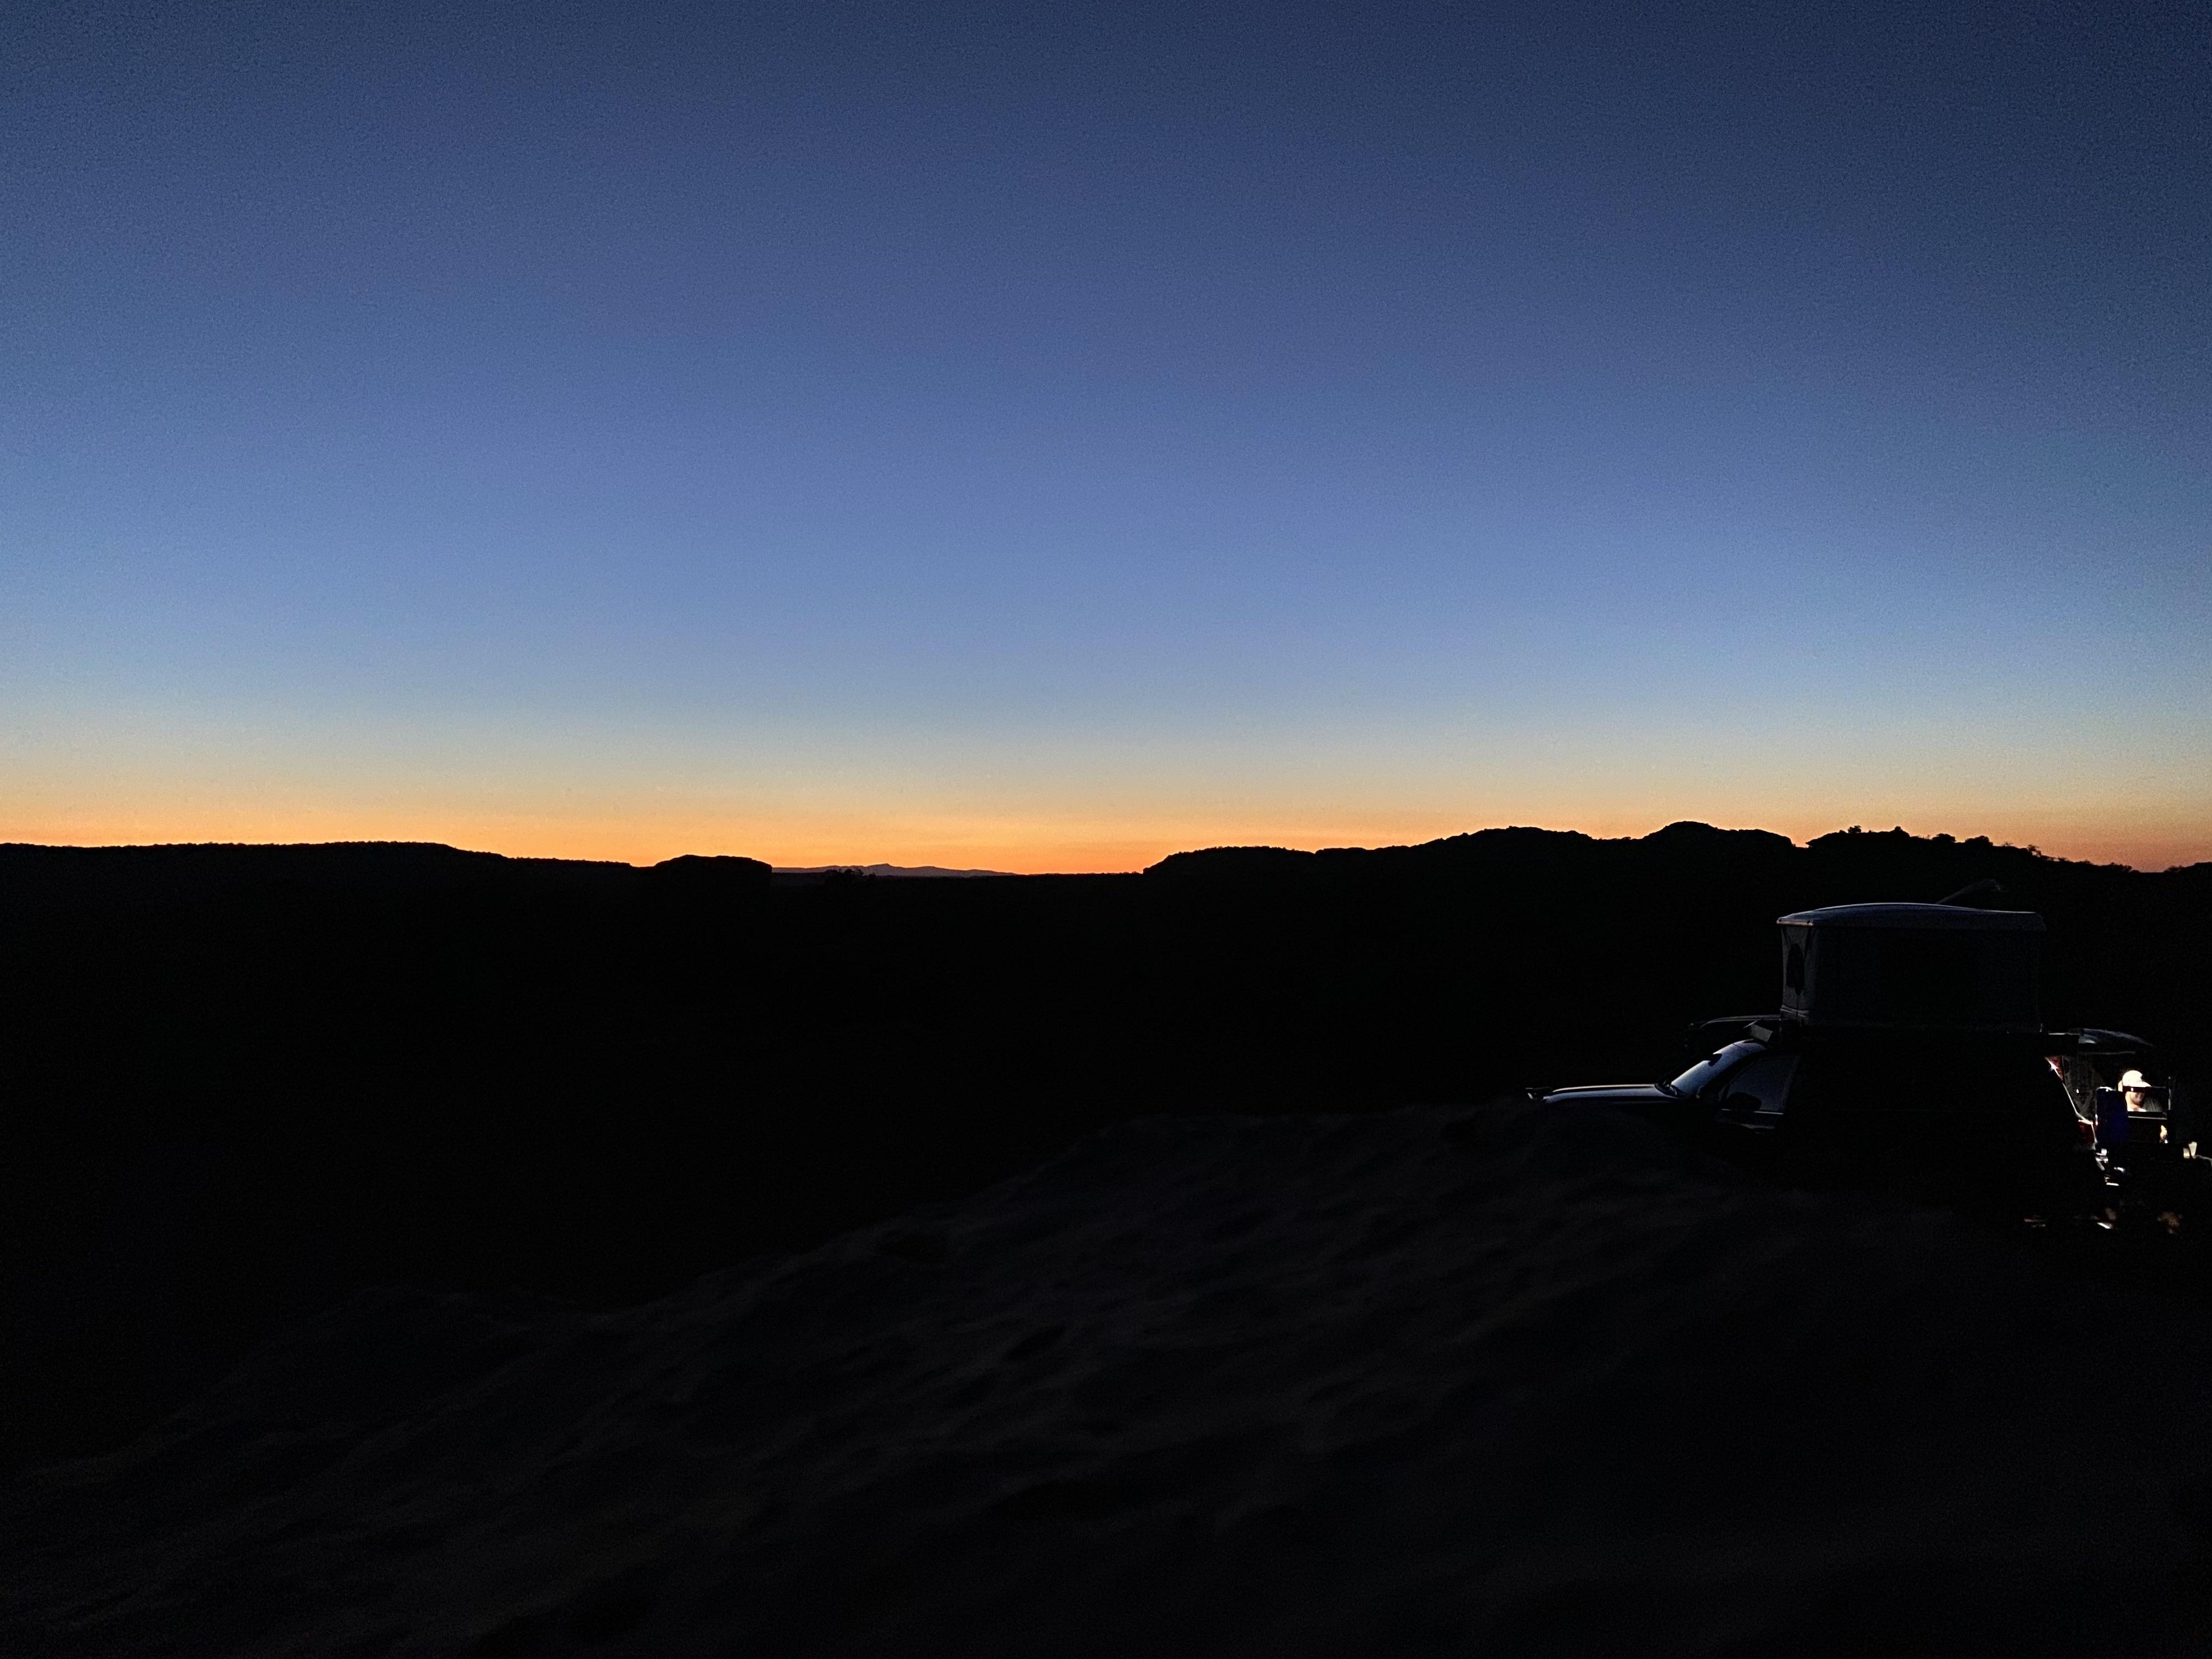 Pano-200-sunset - 5.jpg